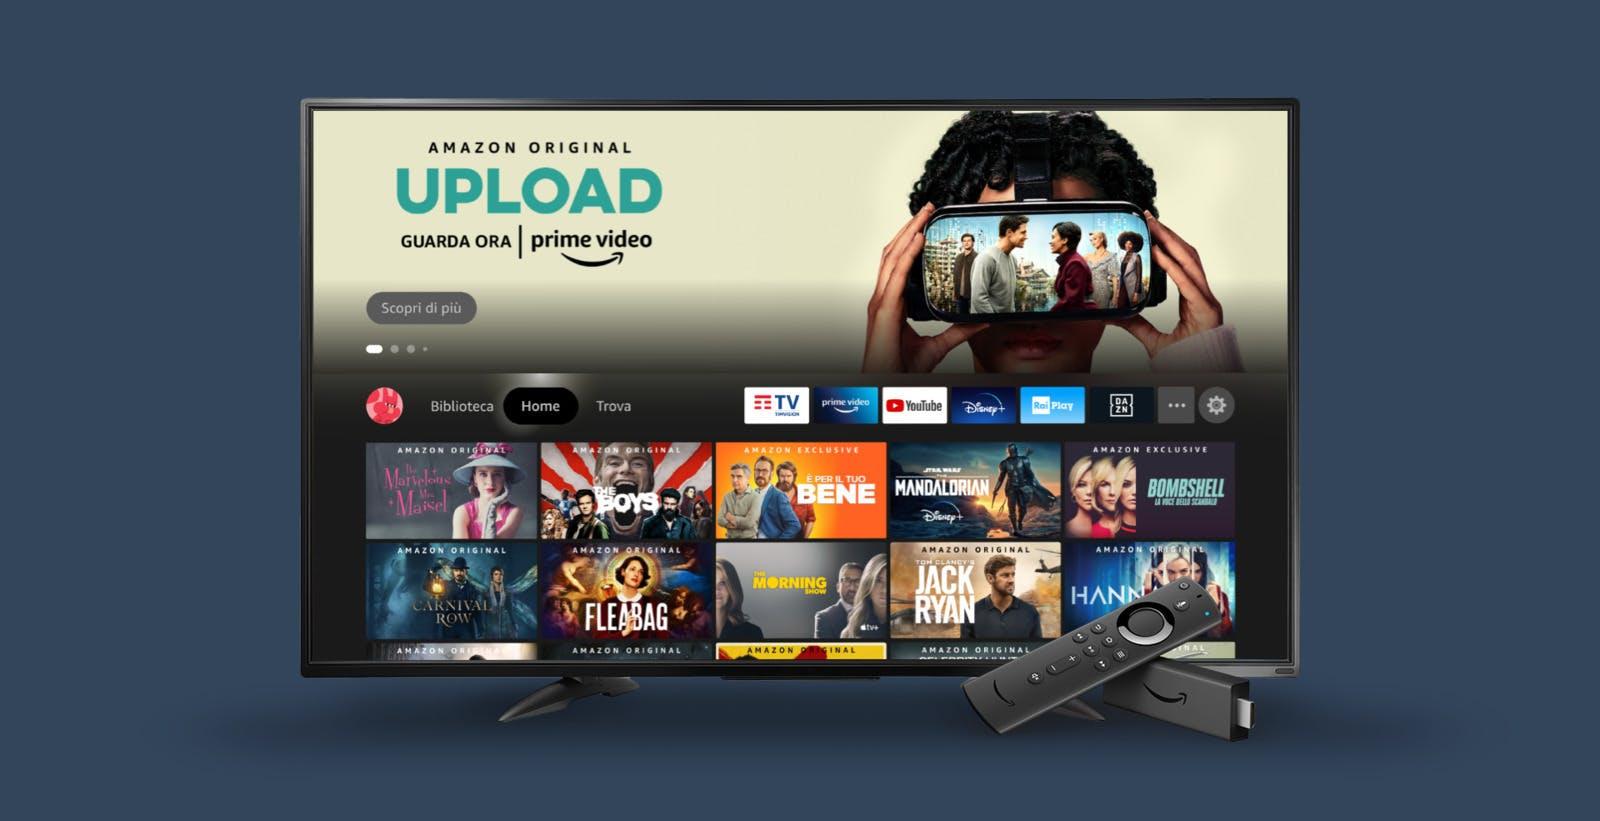 Rinnovata l'interfaccia di Fire TV: profili personalizzati e funzioni di ricerca avanzata